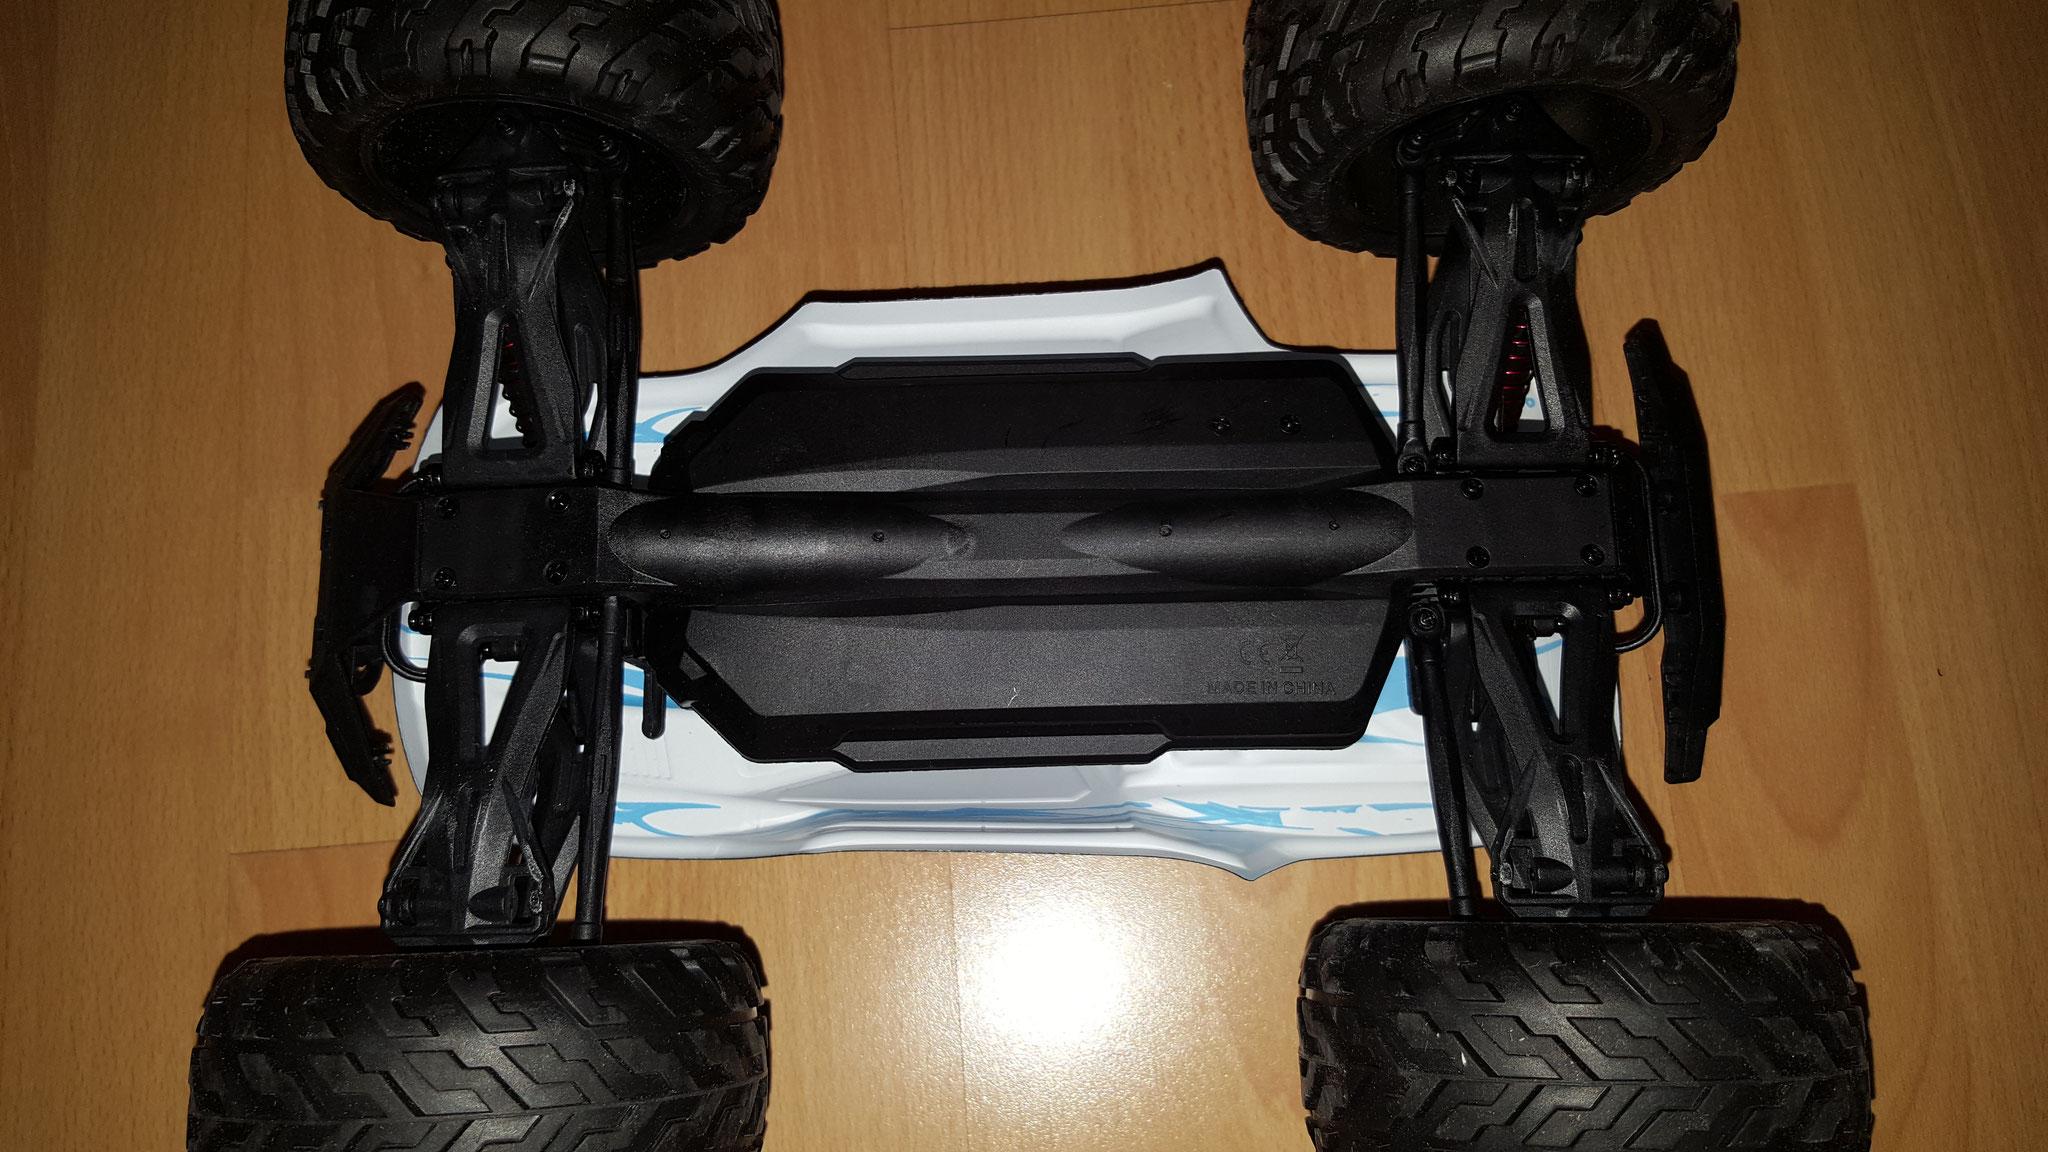 Unterseite mit abgedecktem Batteriefach